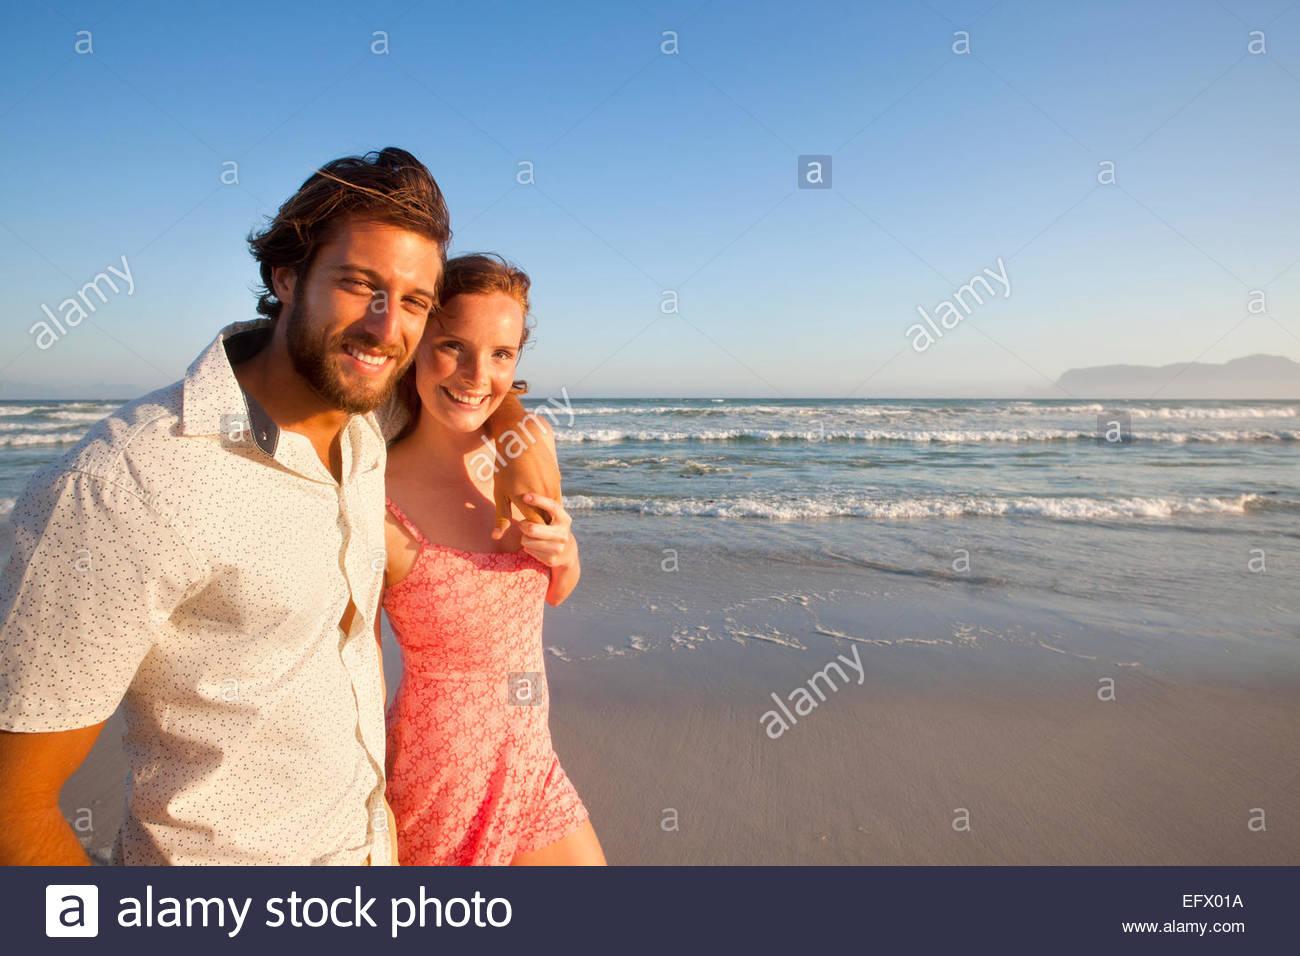 Lächelnde paar Blick in die Kamera, Mann mit Arm Runde Frau, sonnigen Strand entlang spazieren Stockbild